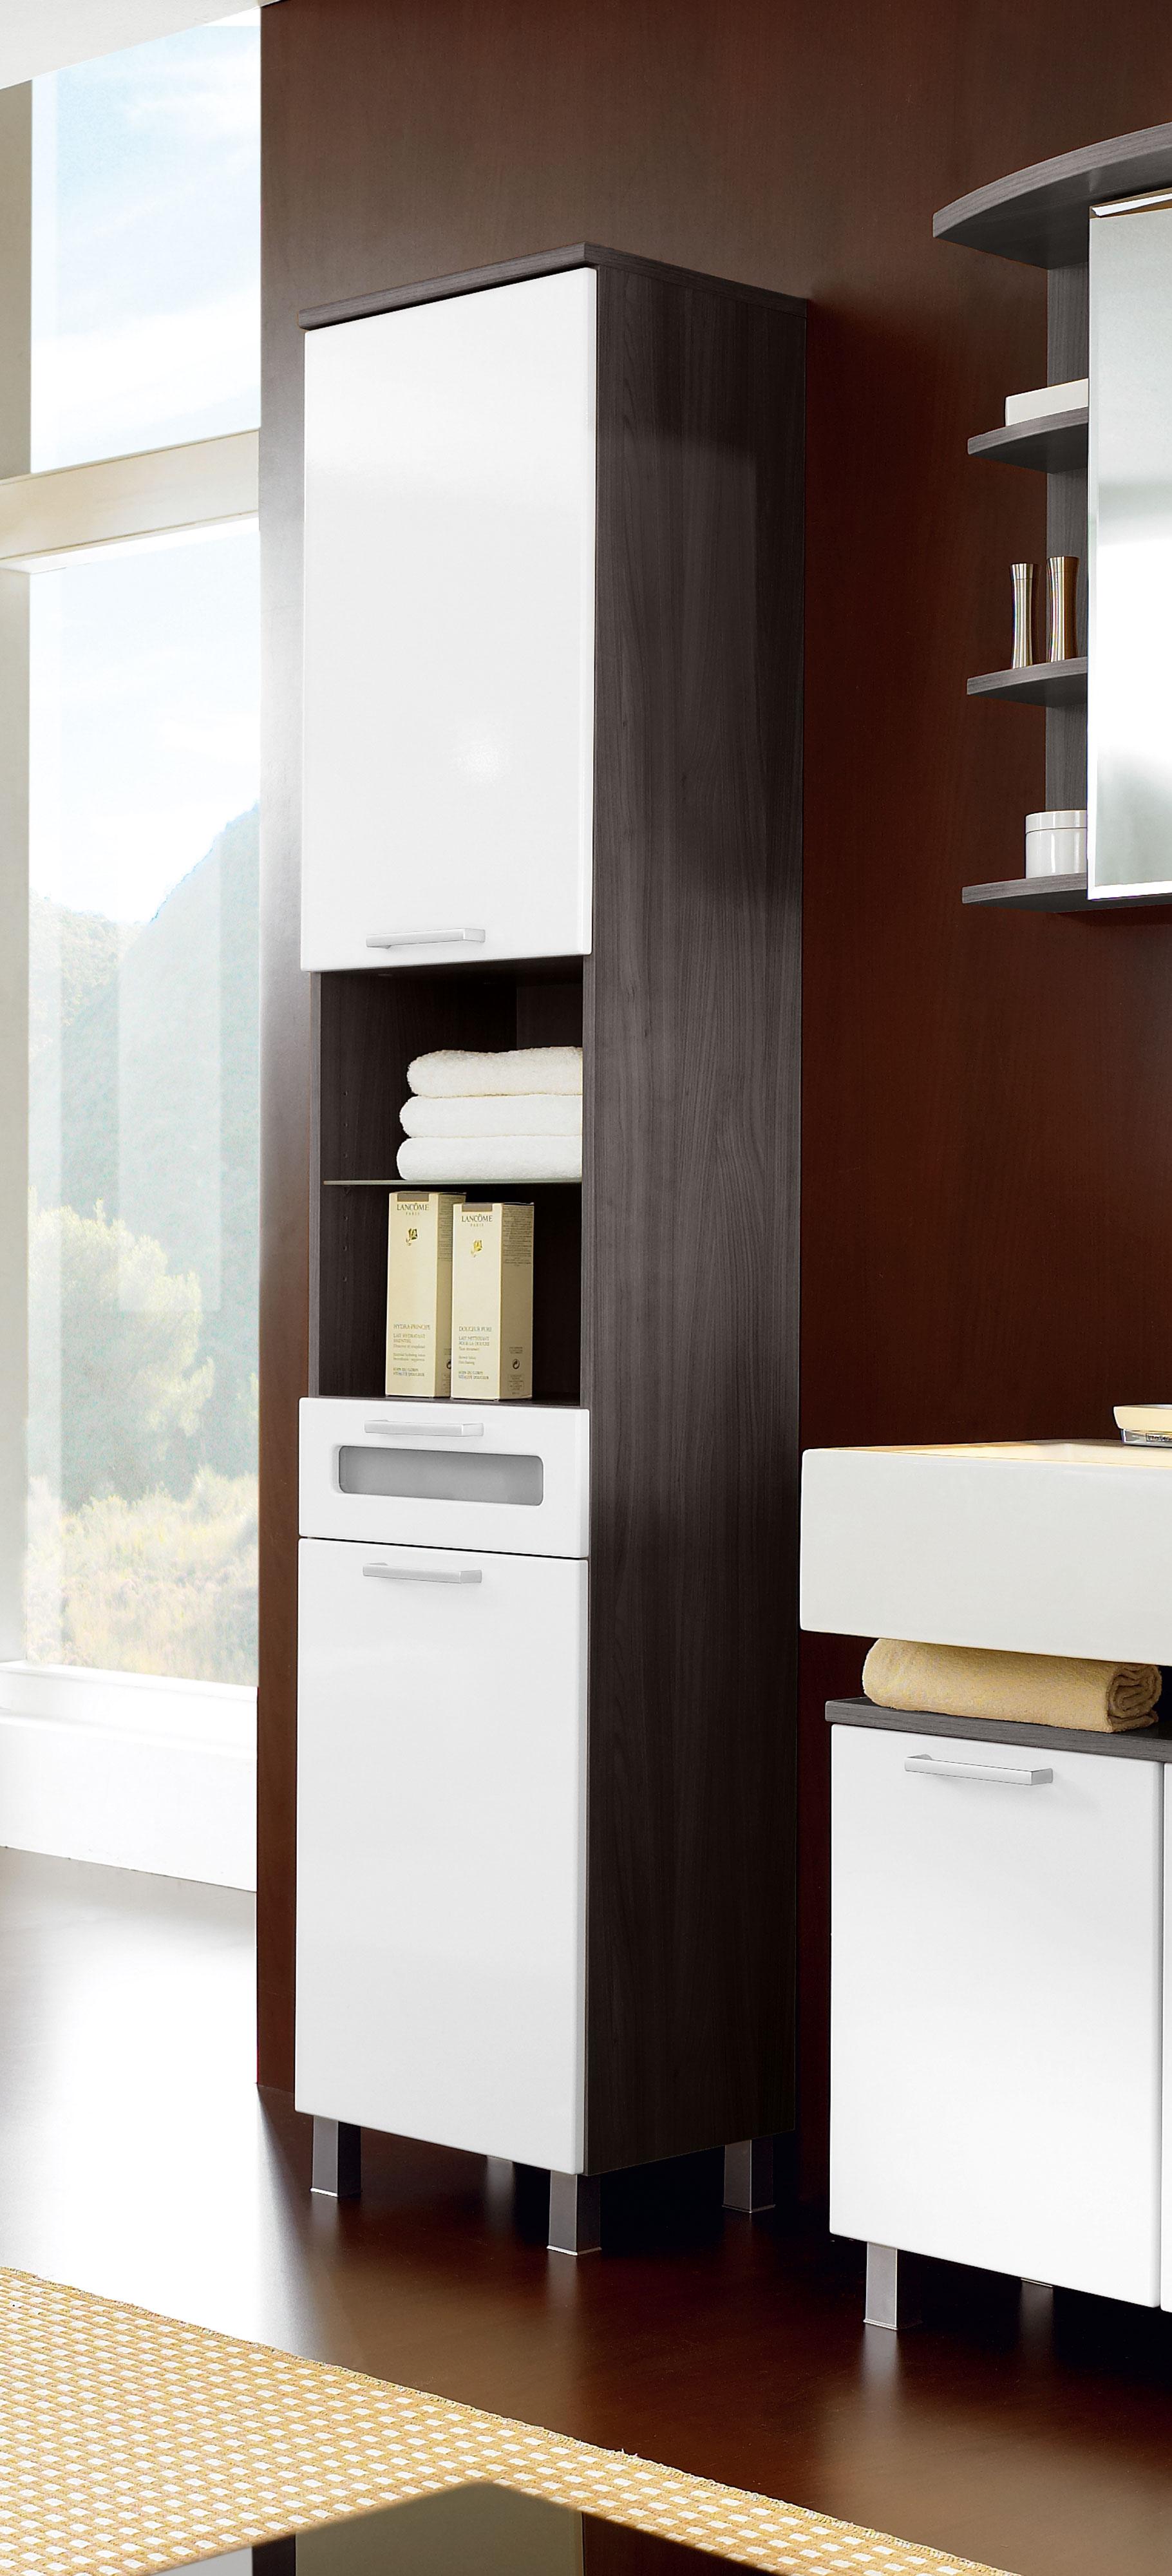 badm bel h ngeschrank design inspiration. Black Bedroom Furniture Sets. Home Design Ideas